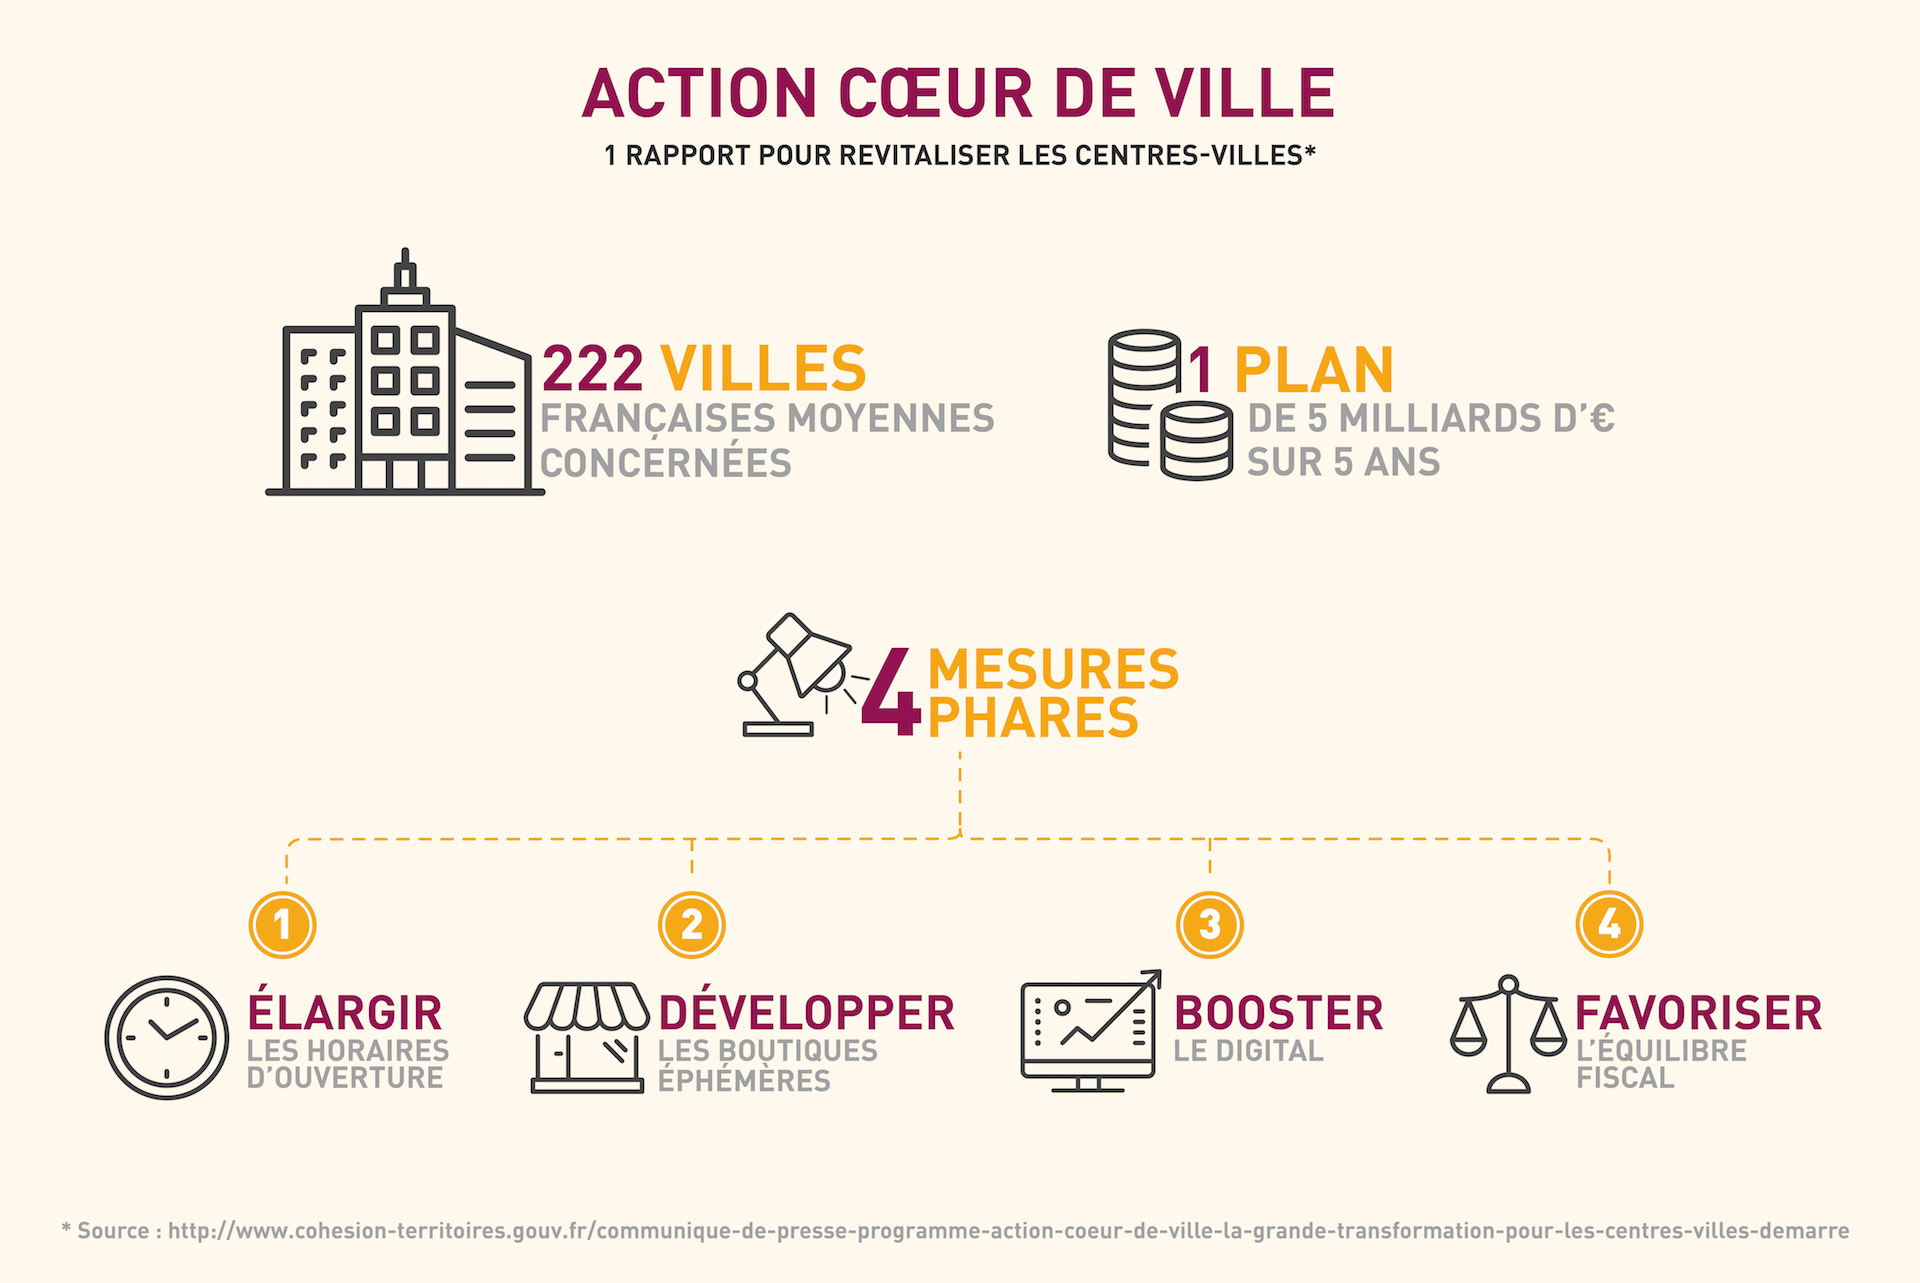 Le contexte global d un rapport baptisé, « Action cœur de ville », est de  permettre aux 222 villes moyennes françaises de jouer un rôle essentiel  dans la ... 976b57fe525a